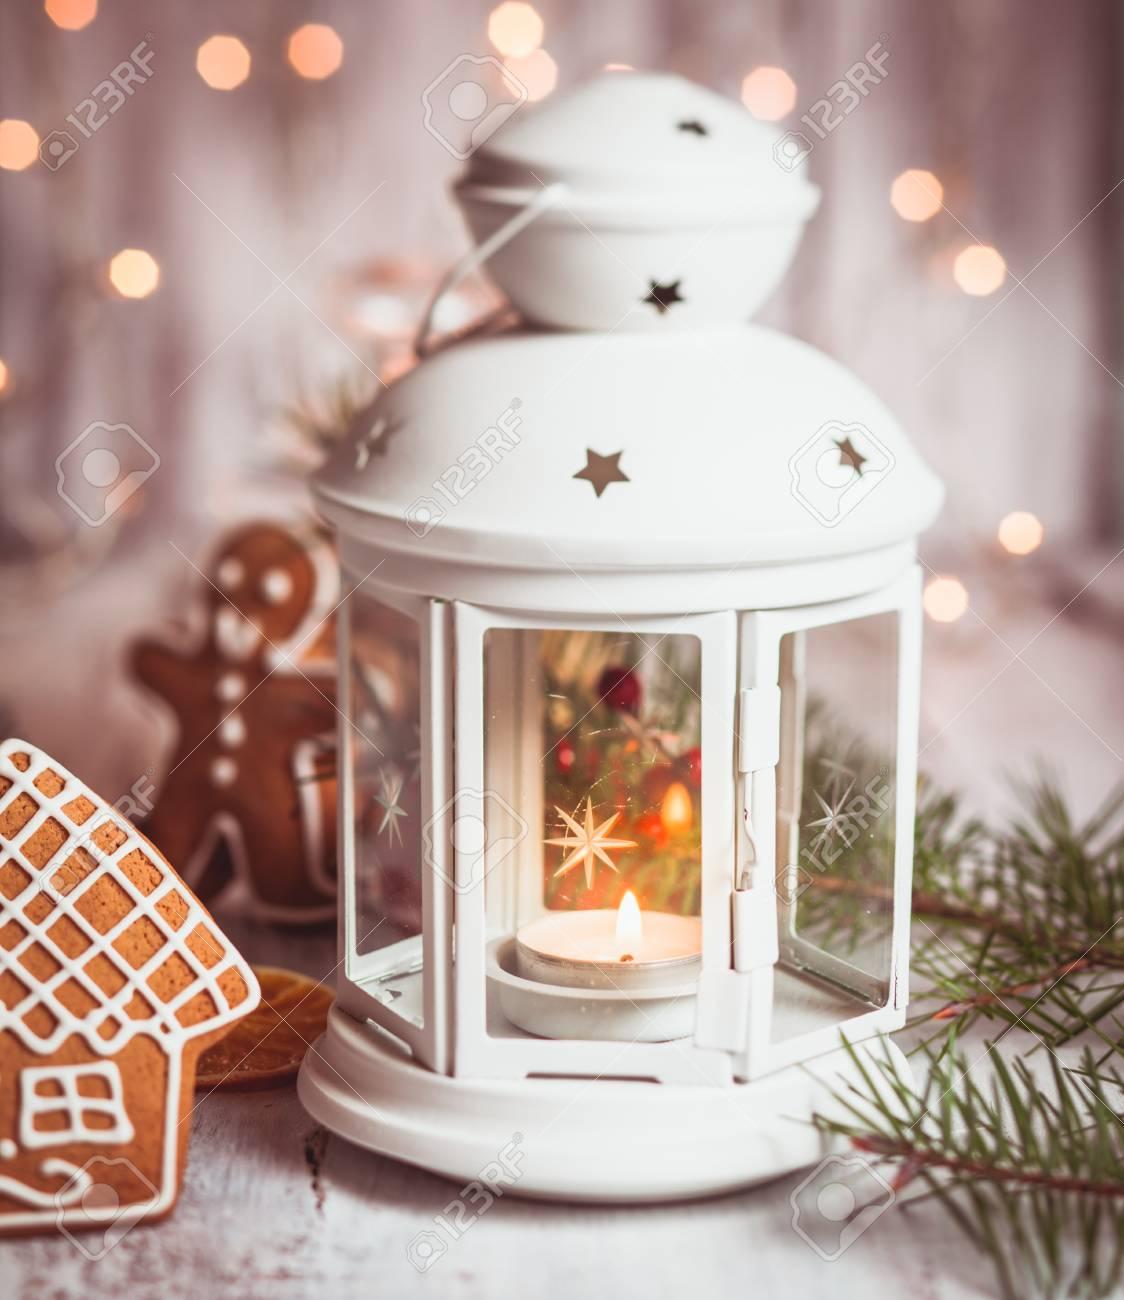 Ferien Süßigkeiten - Weihnachts Stoffe In Weiß Bootie ...